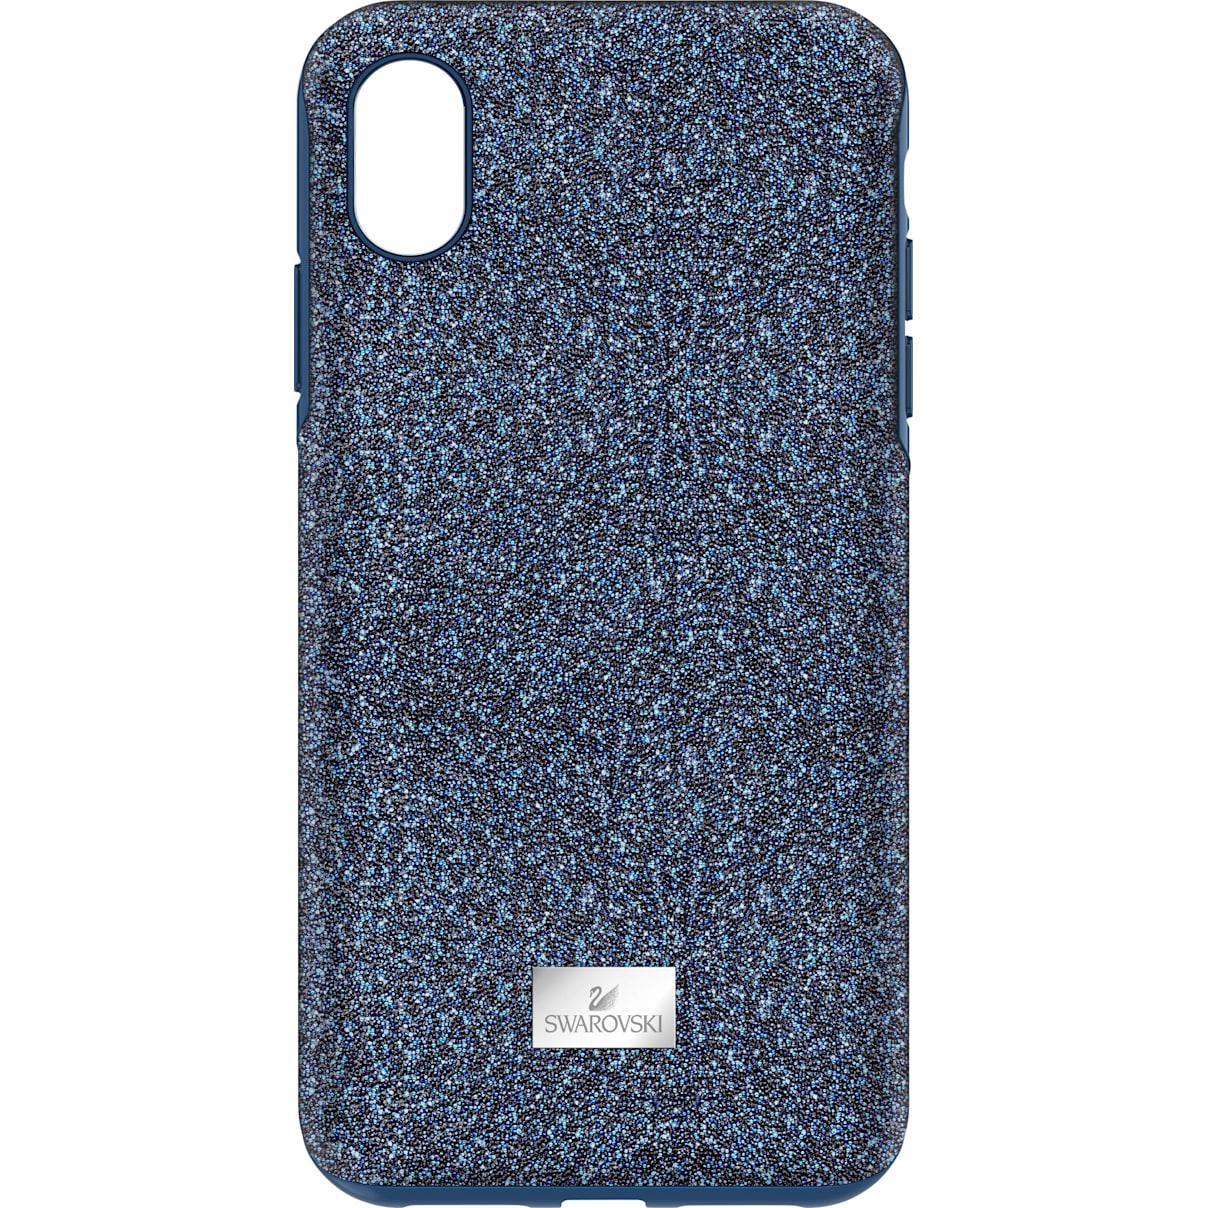 High Smartphone Schutzhülle mit Stoßschutz, iPhone® XS Max, blau